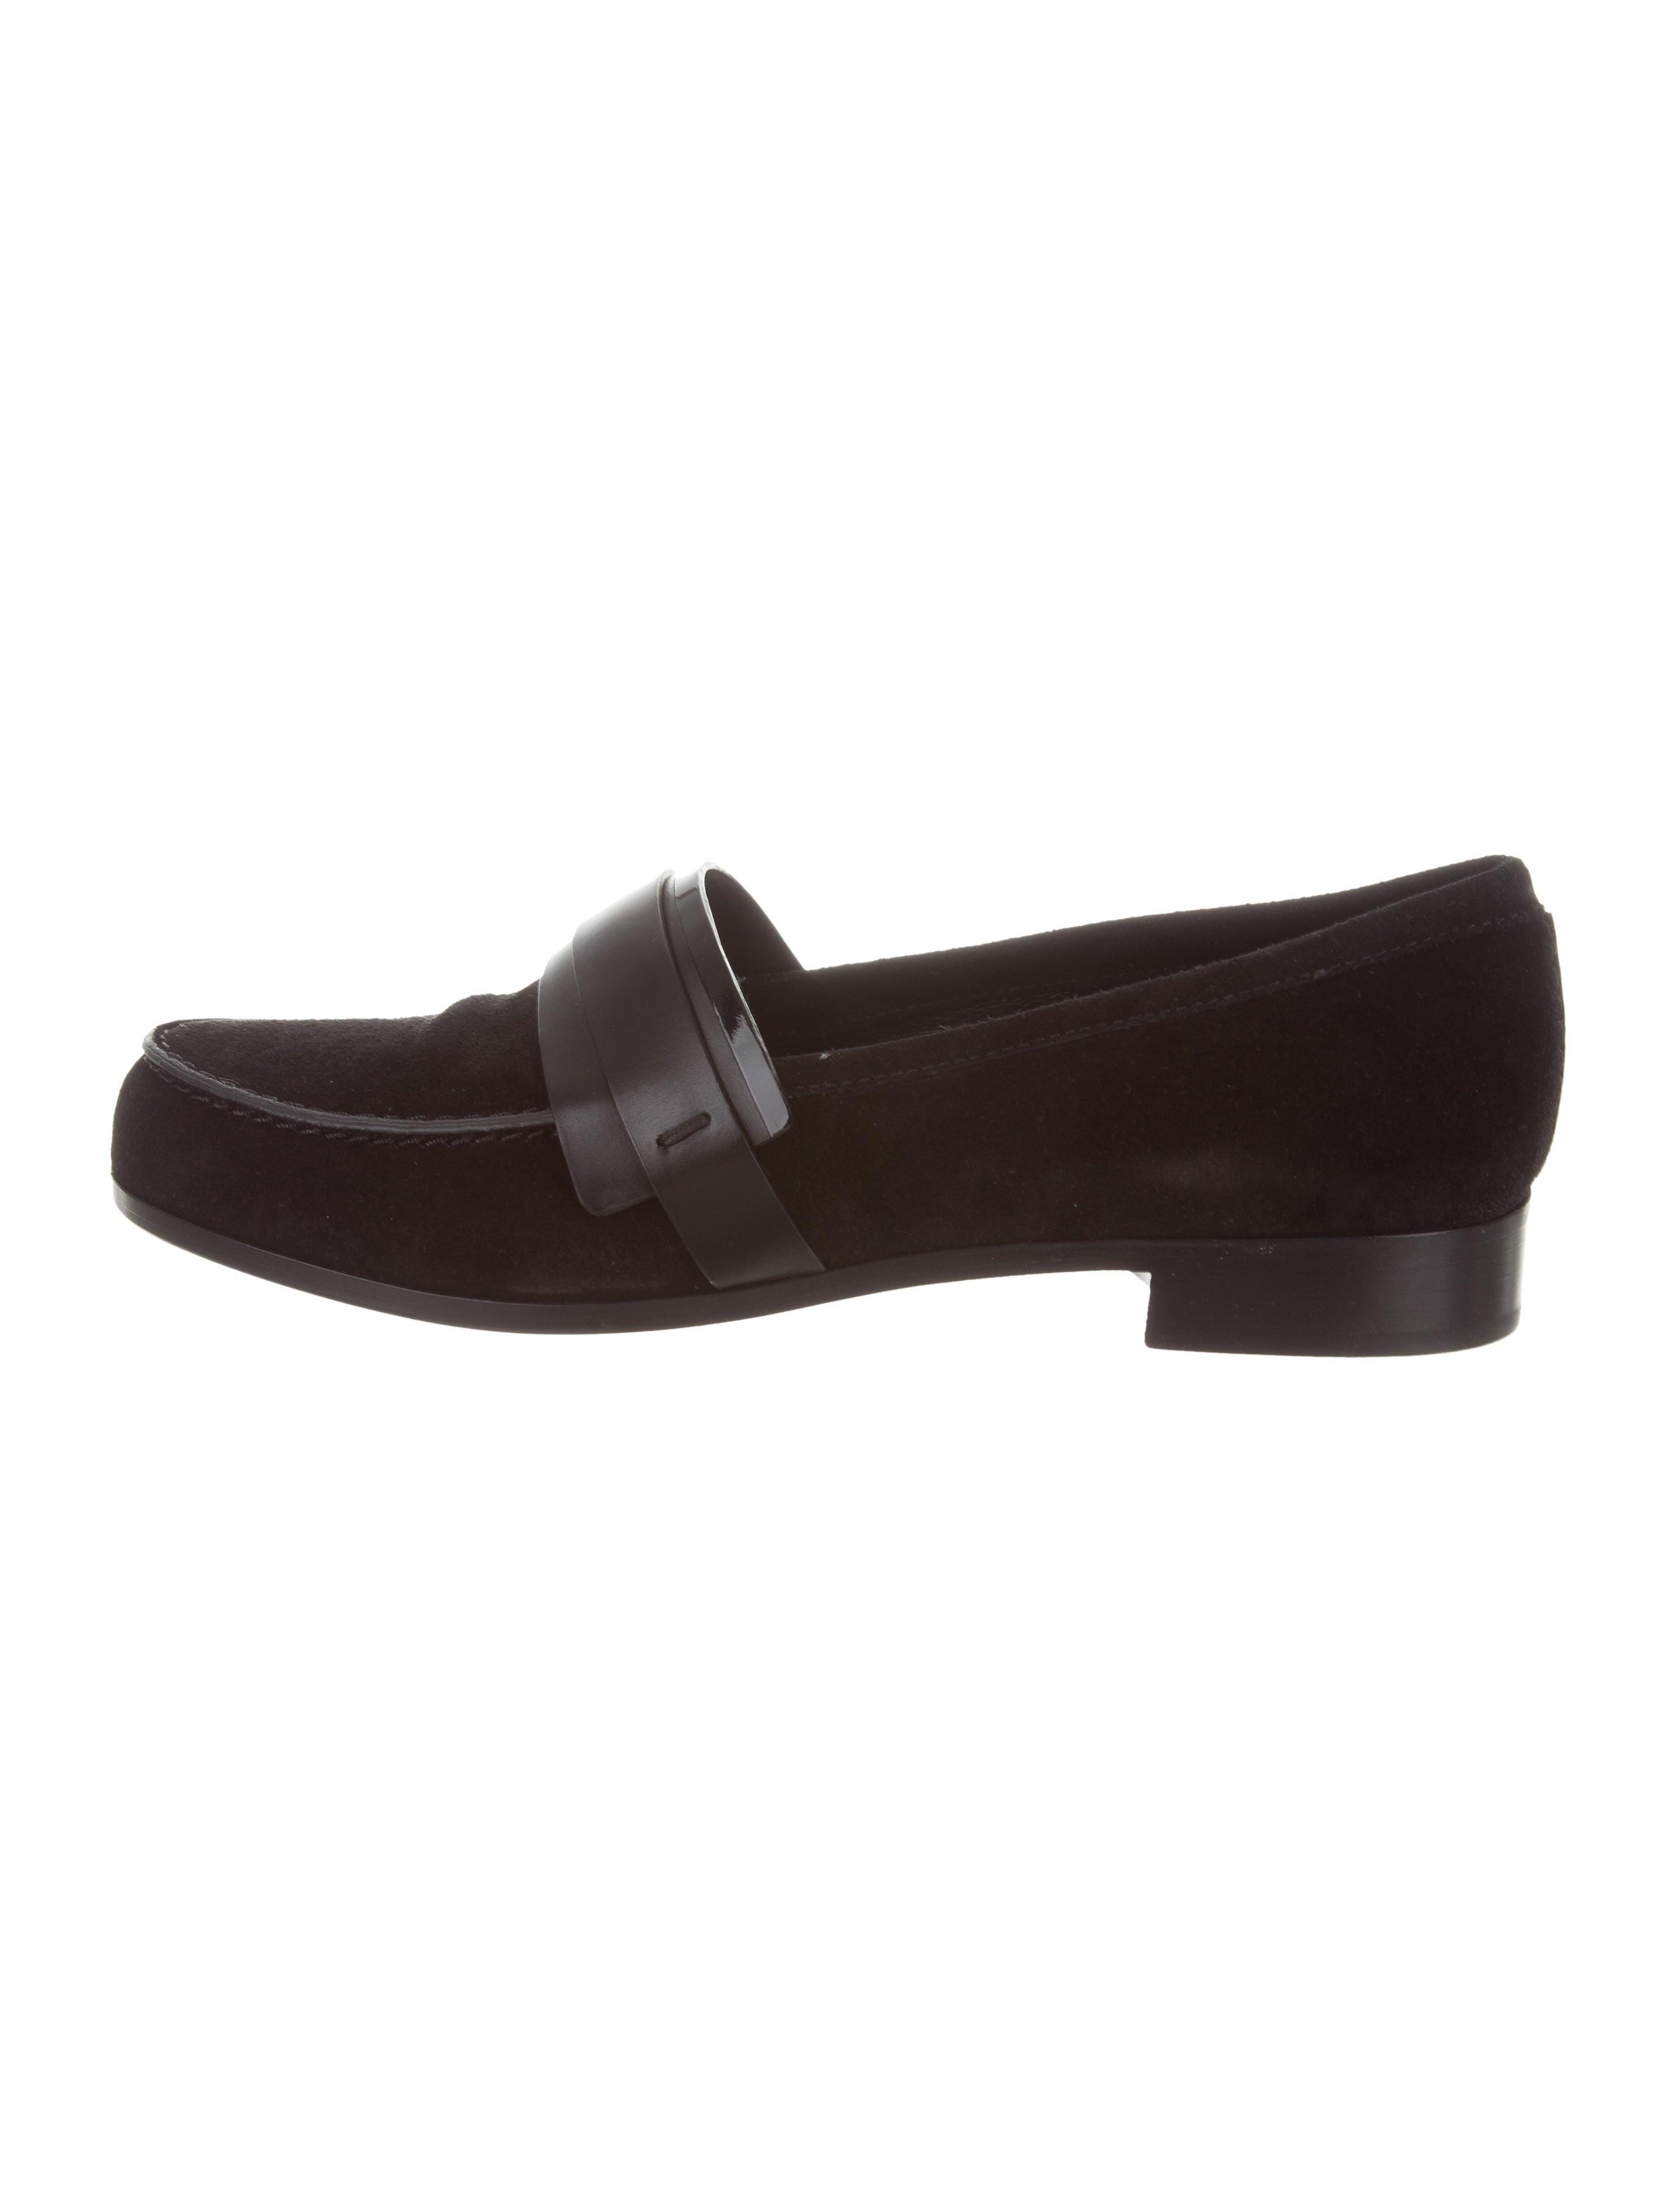 FOOTWEAR - Loafers Carritz b3iVztX2Fa